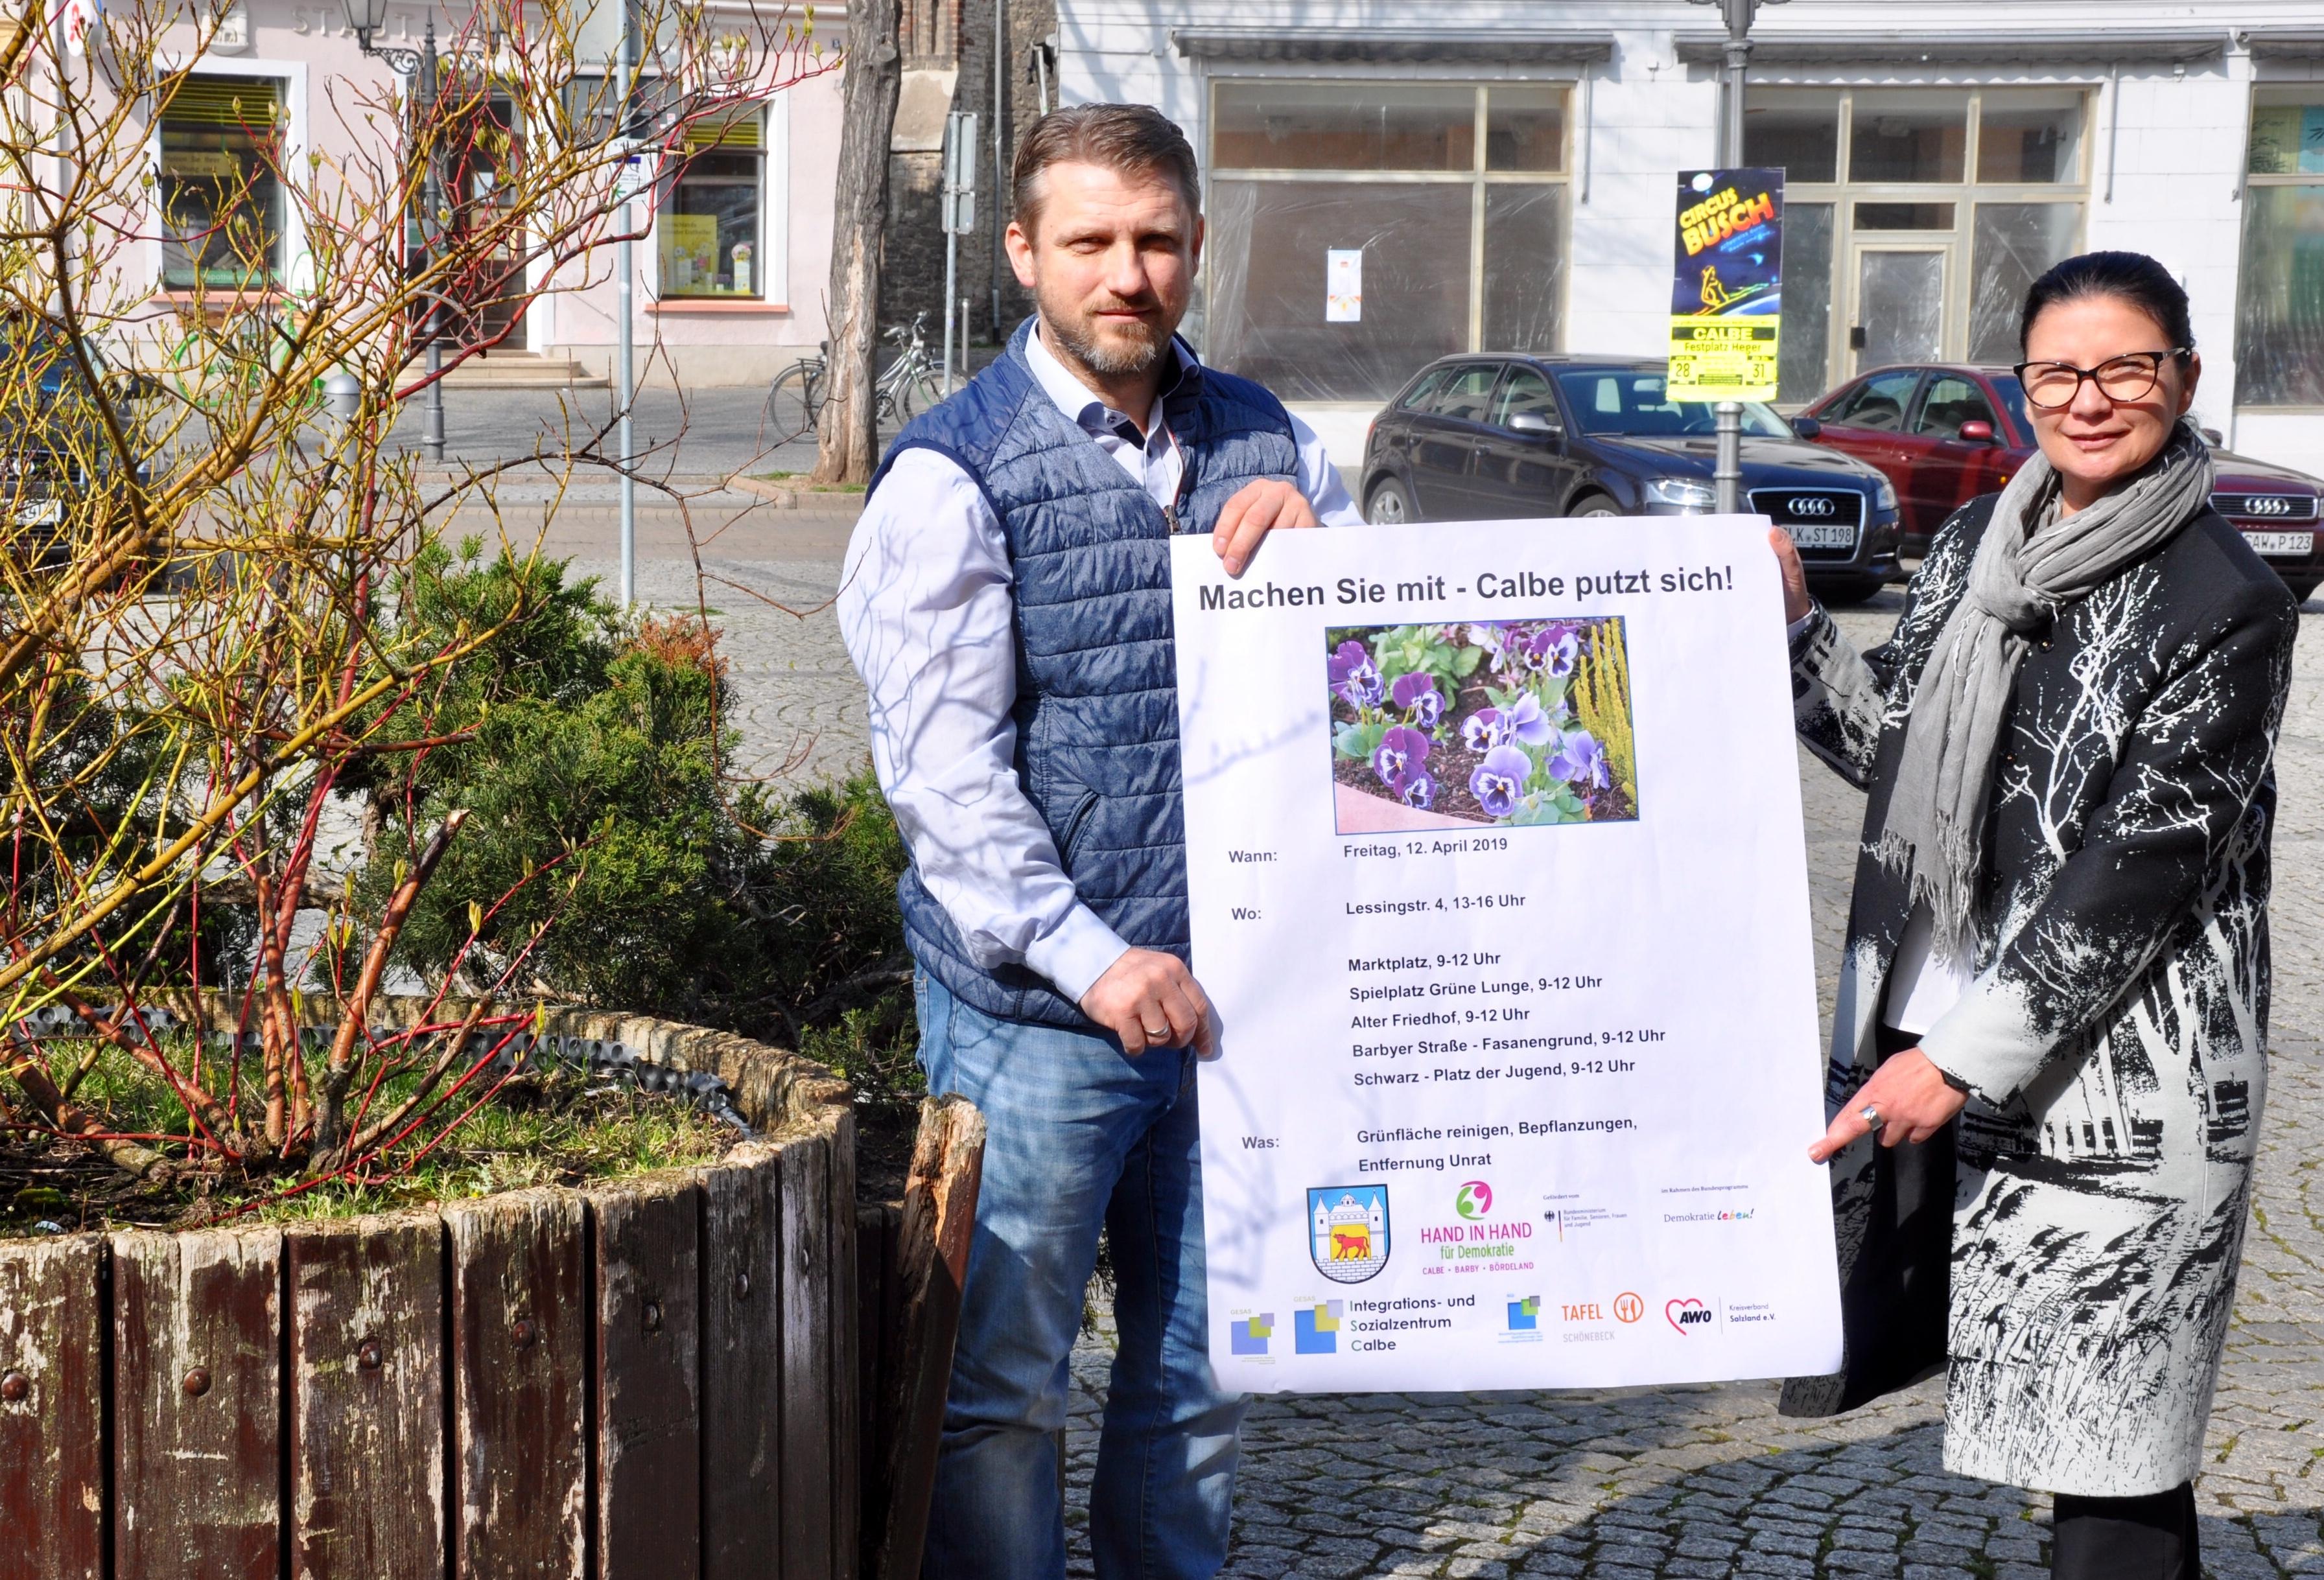 """Ines Grimm-Hübner Geschäftsführerin des AWO-Kreisverbandes Salzland e.V., und Bürgermeister Sven Hause präsentieren den Aufruf zur Aktion """"Calbe putzt sich!"""". Auch die sichtbar beschädigten Pflanzkübel auf dem Markt sollen erneuert werden."""